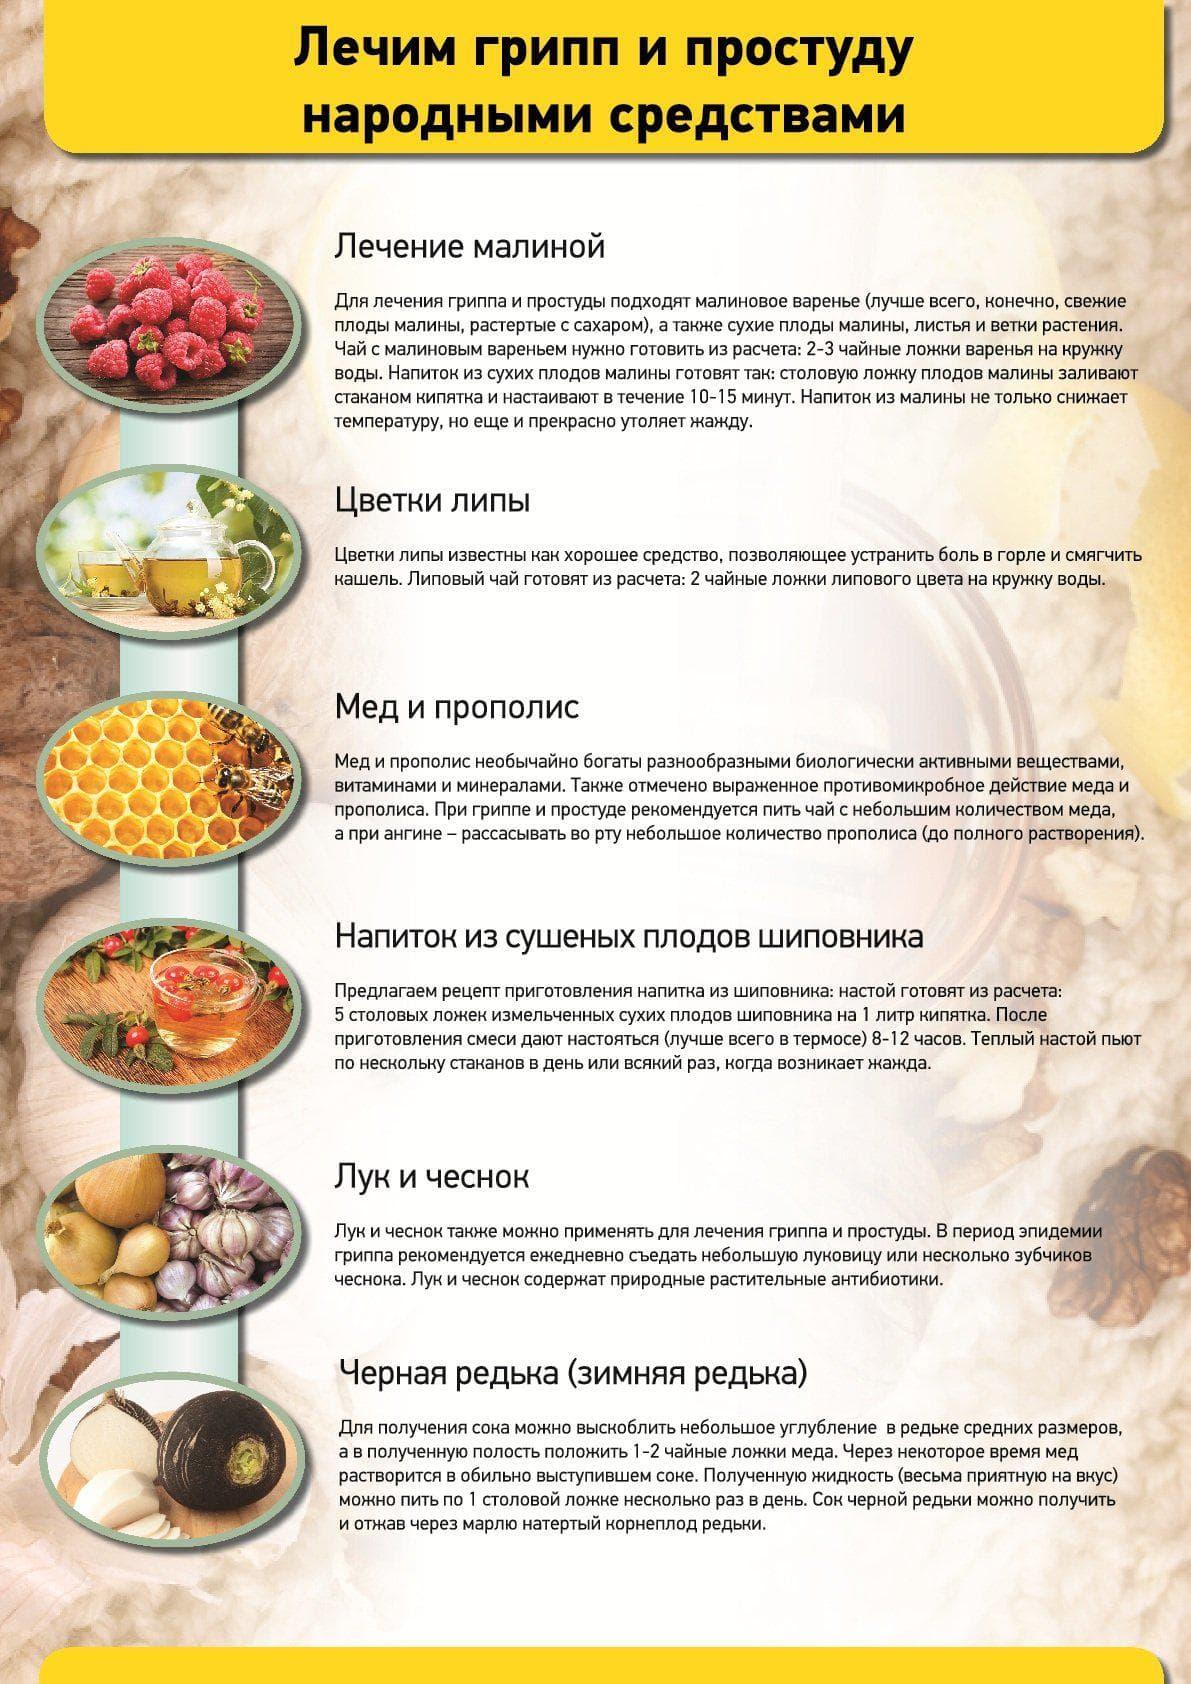 Натуральные средства для лечения простуды и гриппа5